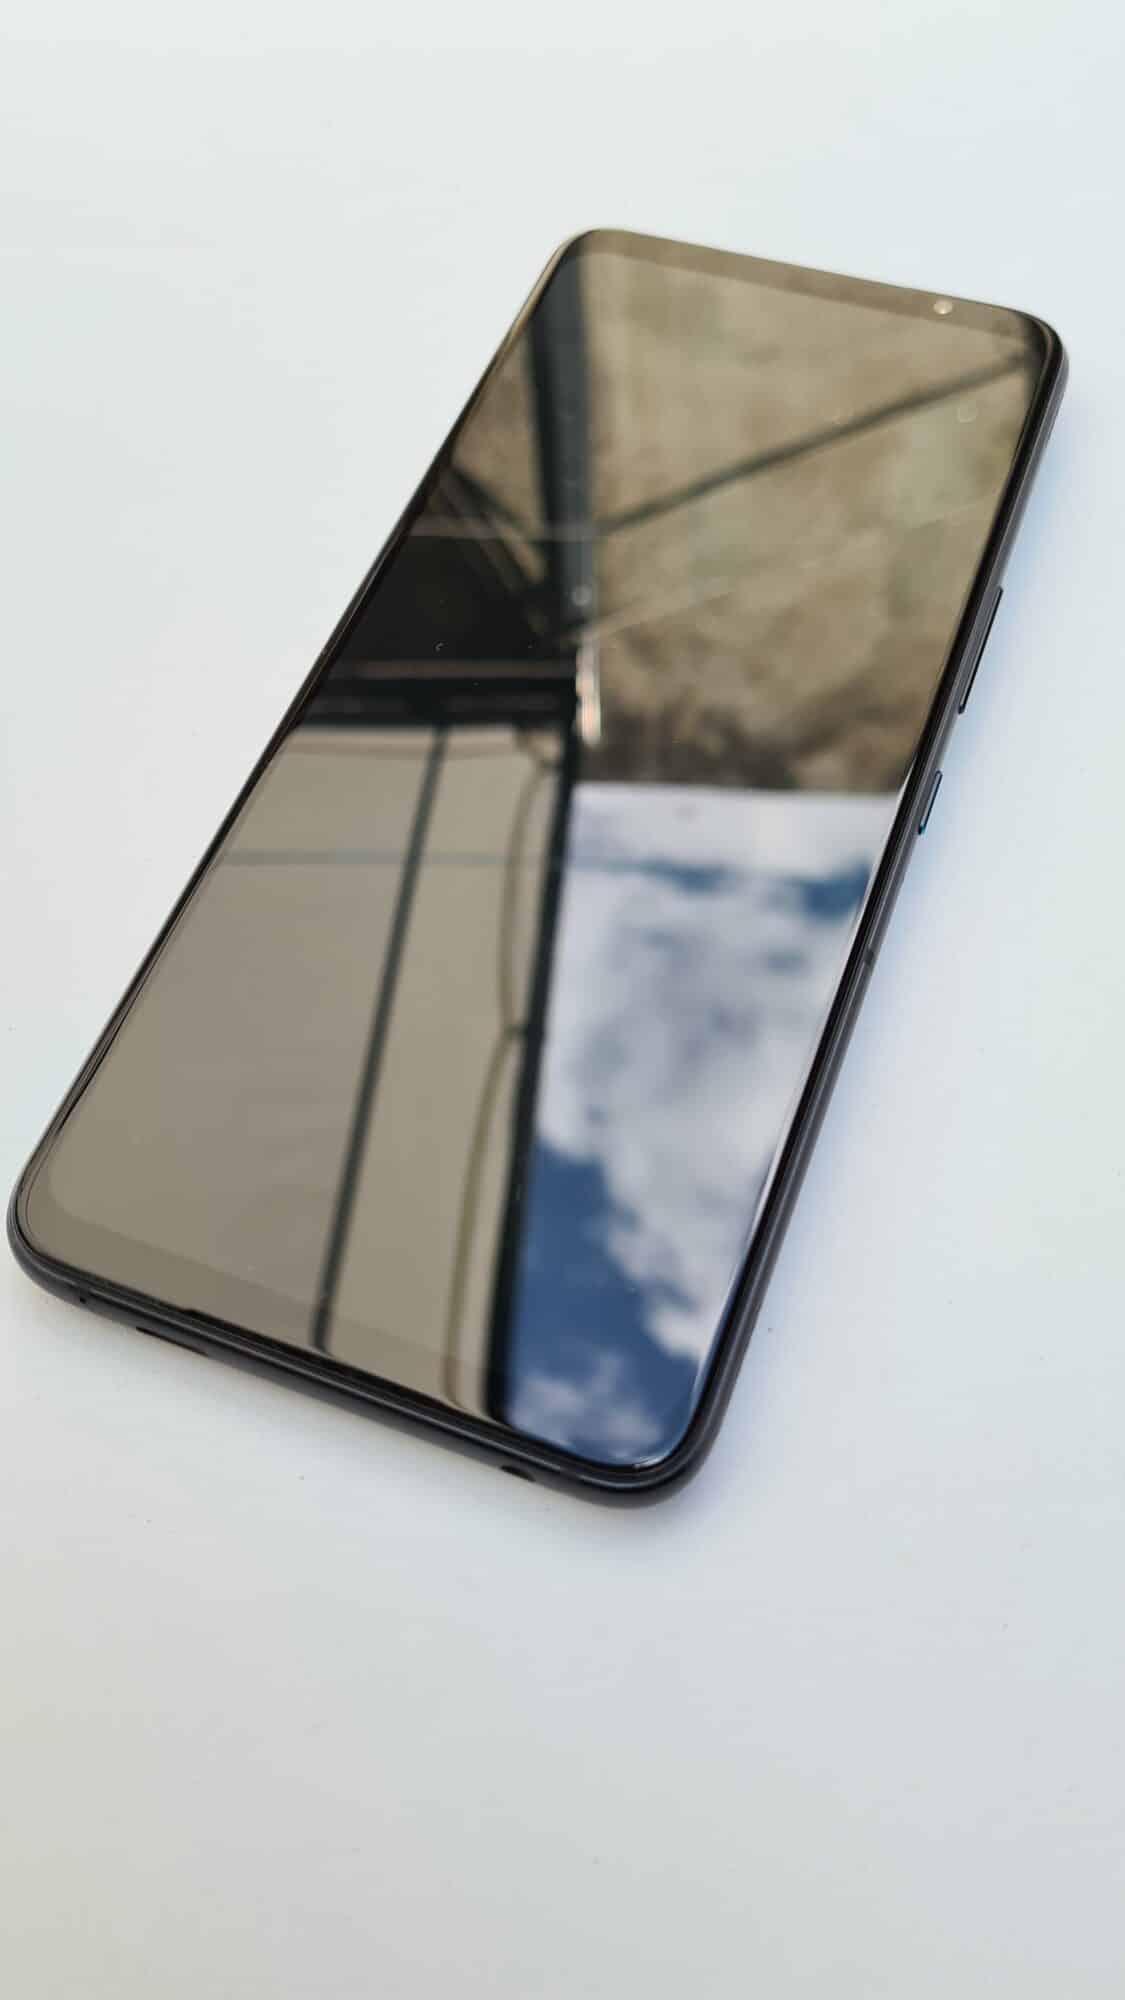 Rog Phone 5 - Ecran éteint